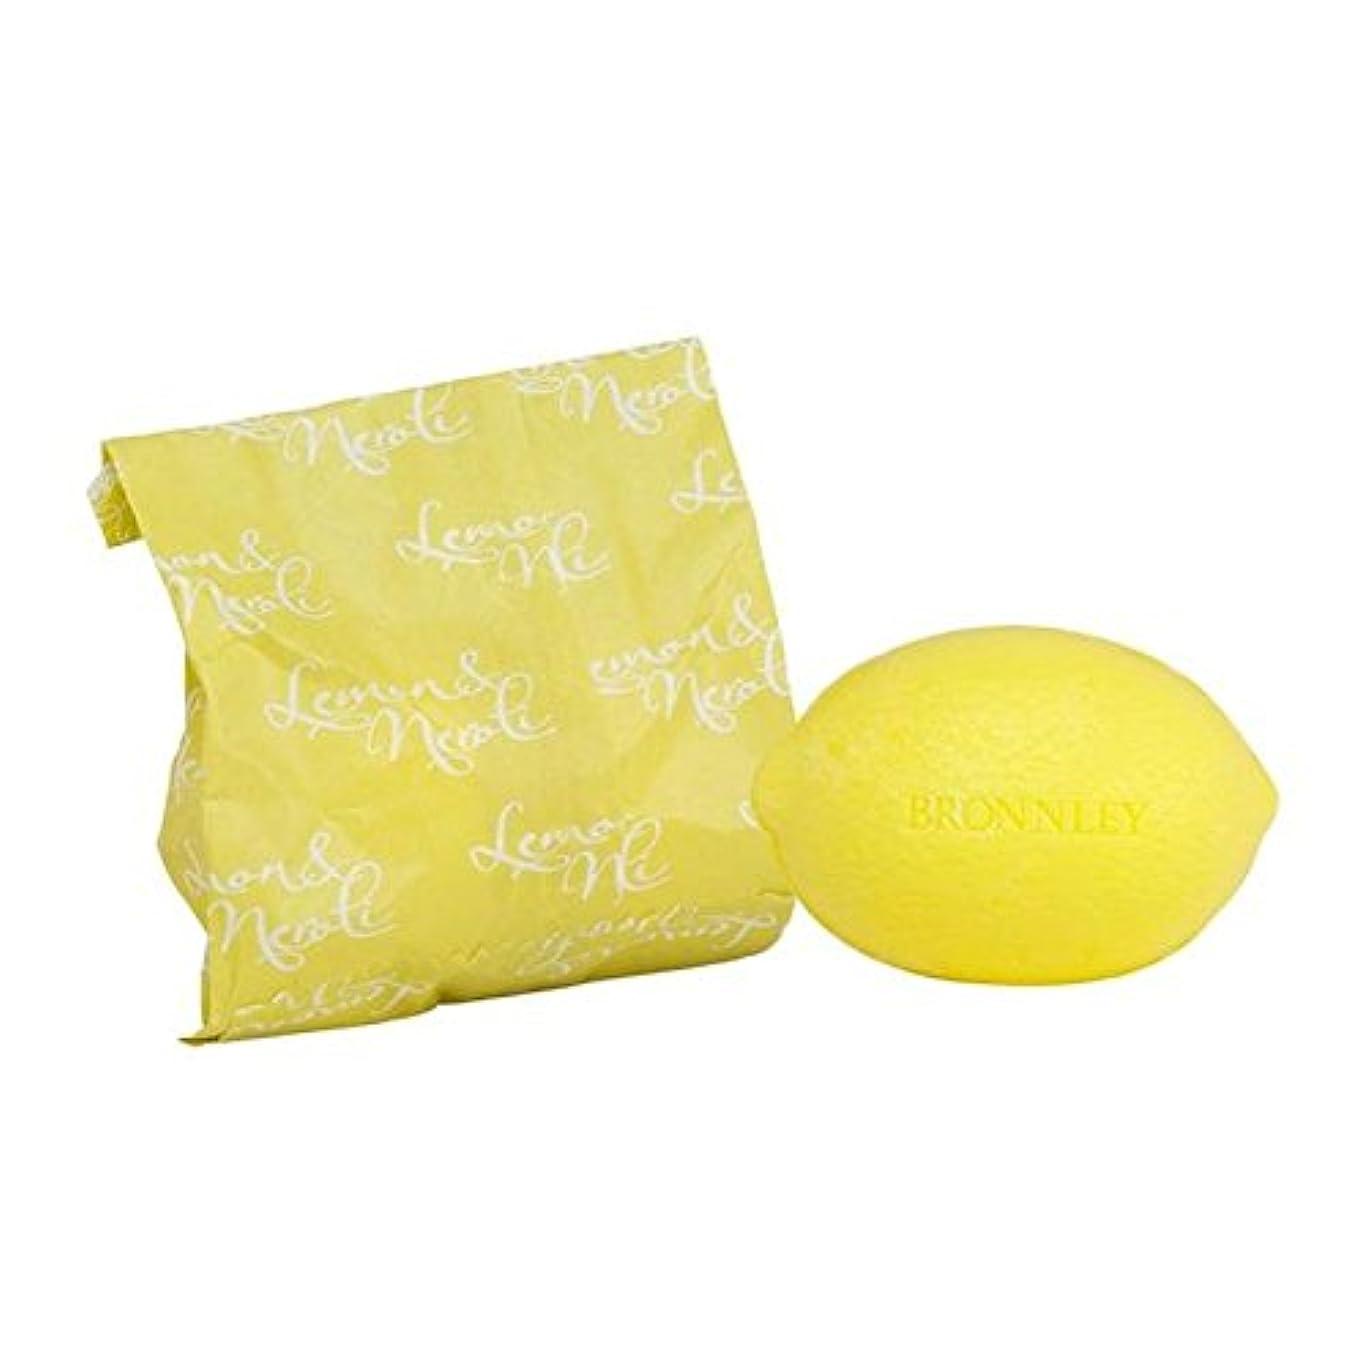 選出する蒸発する簡略化するレモン&ネロリ石鹸100グラム x4 - Bronnley Lemon & Neroli Soap 100g (Pack of 4) [並行輸入品]